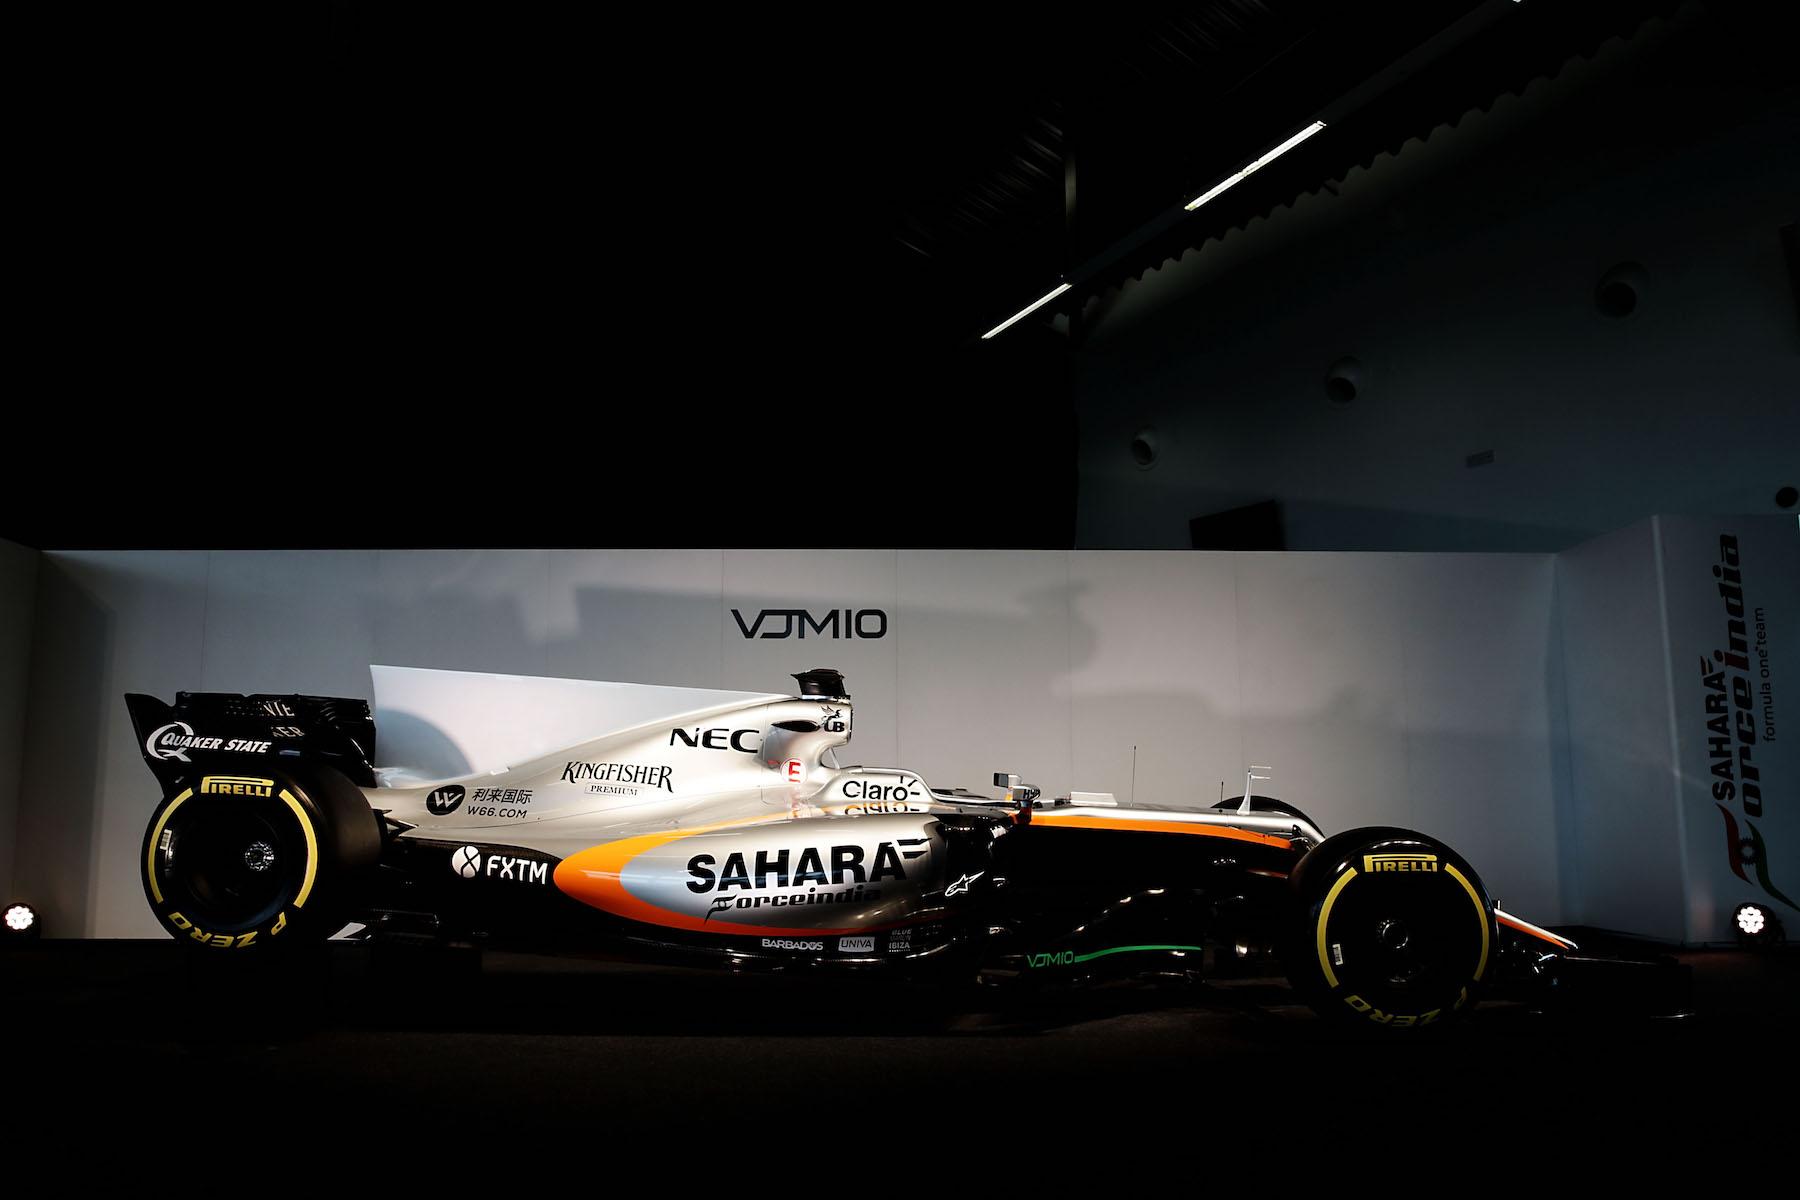 Salracing | Force India VJM10 5